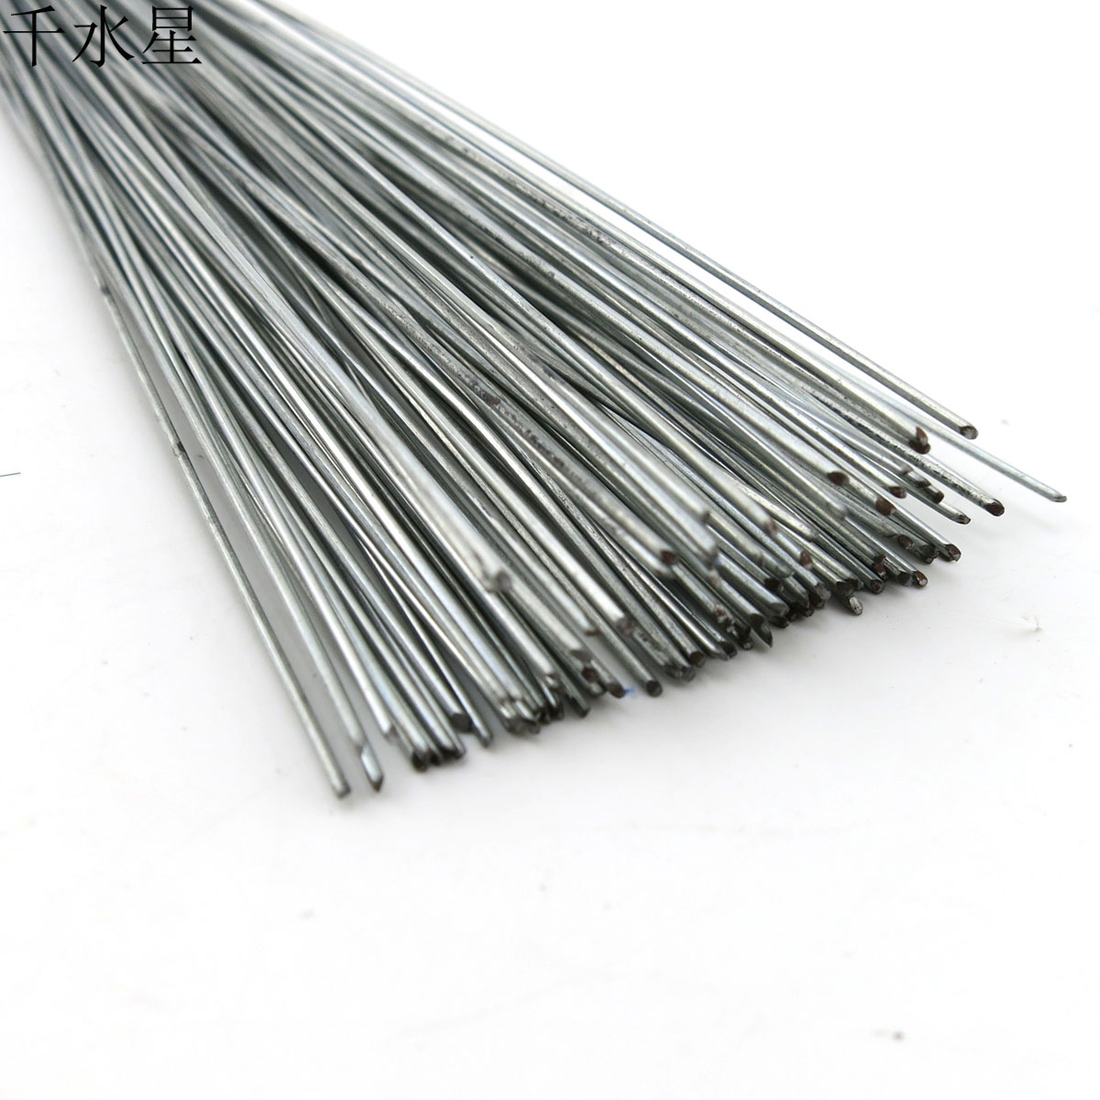 铁丝diy模型拼装材料优质细铁丝手工制作材料易弯折铁丝紧固铁丝